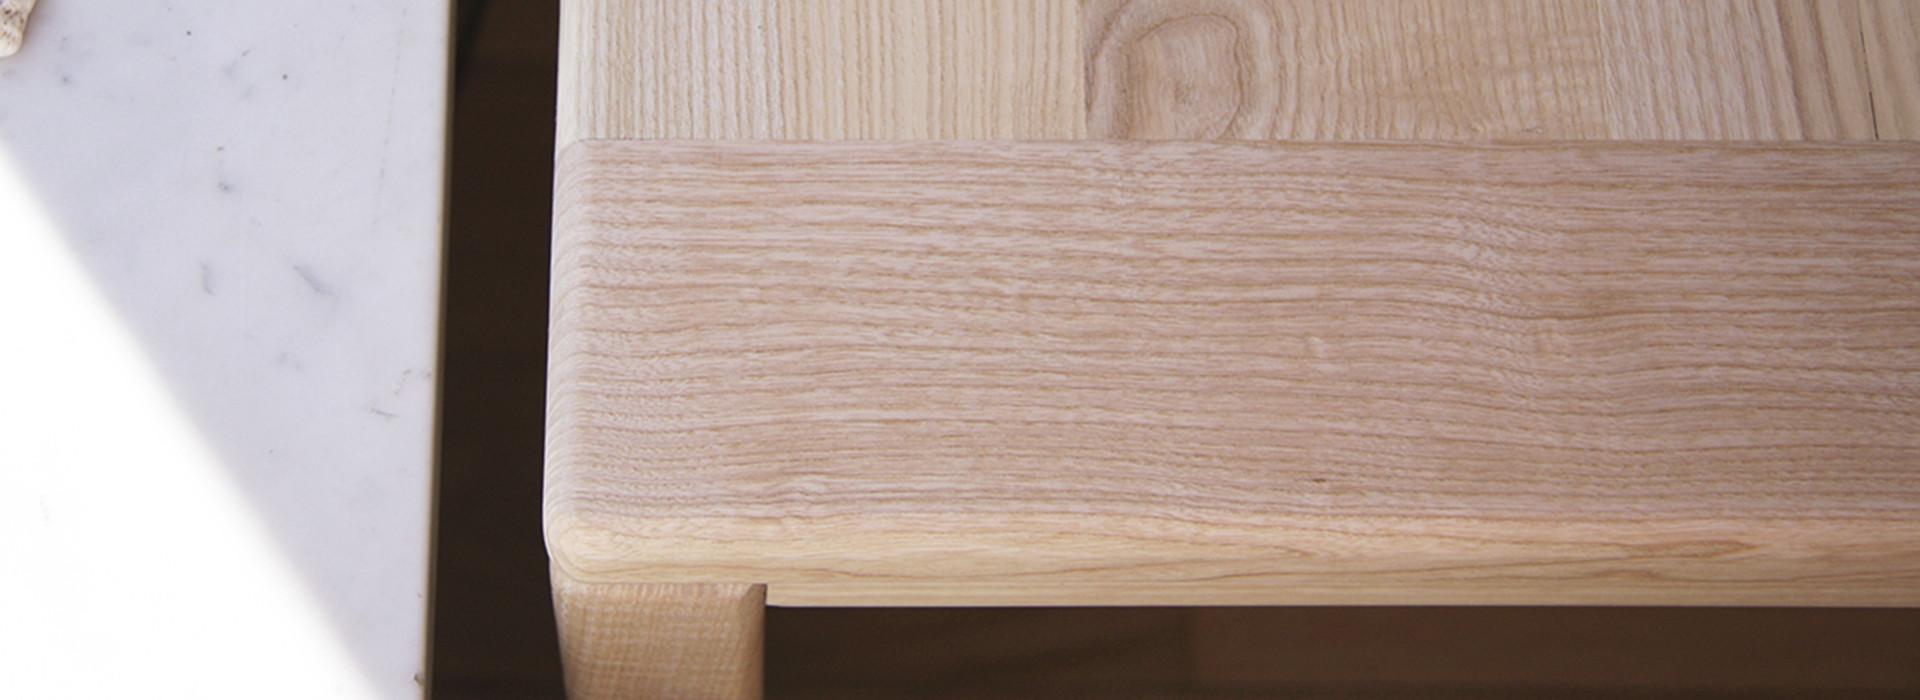 Nonjetable-à-Propos-Séparateur-Table-Bois